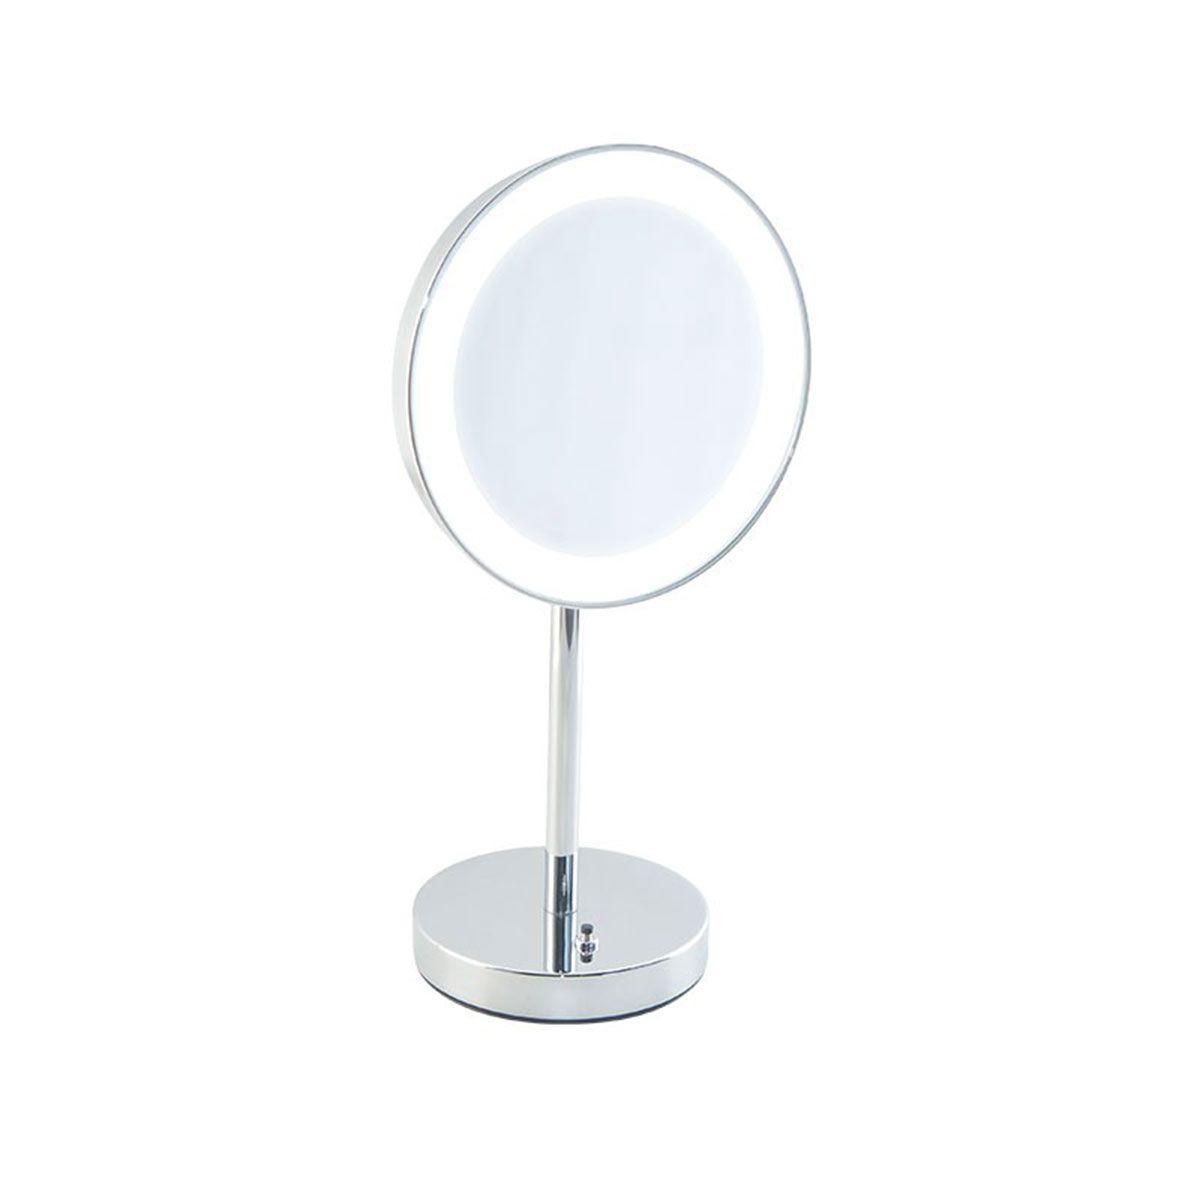 Specchio ingranditore da bagno con luce led batteria da appoggio bottiglioni - Specchio ingranditore con luce ...